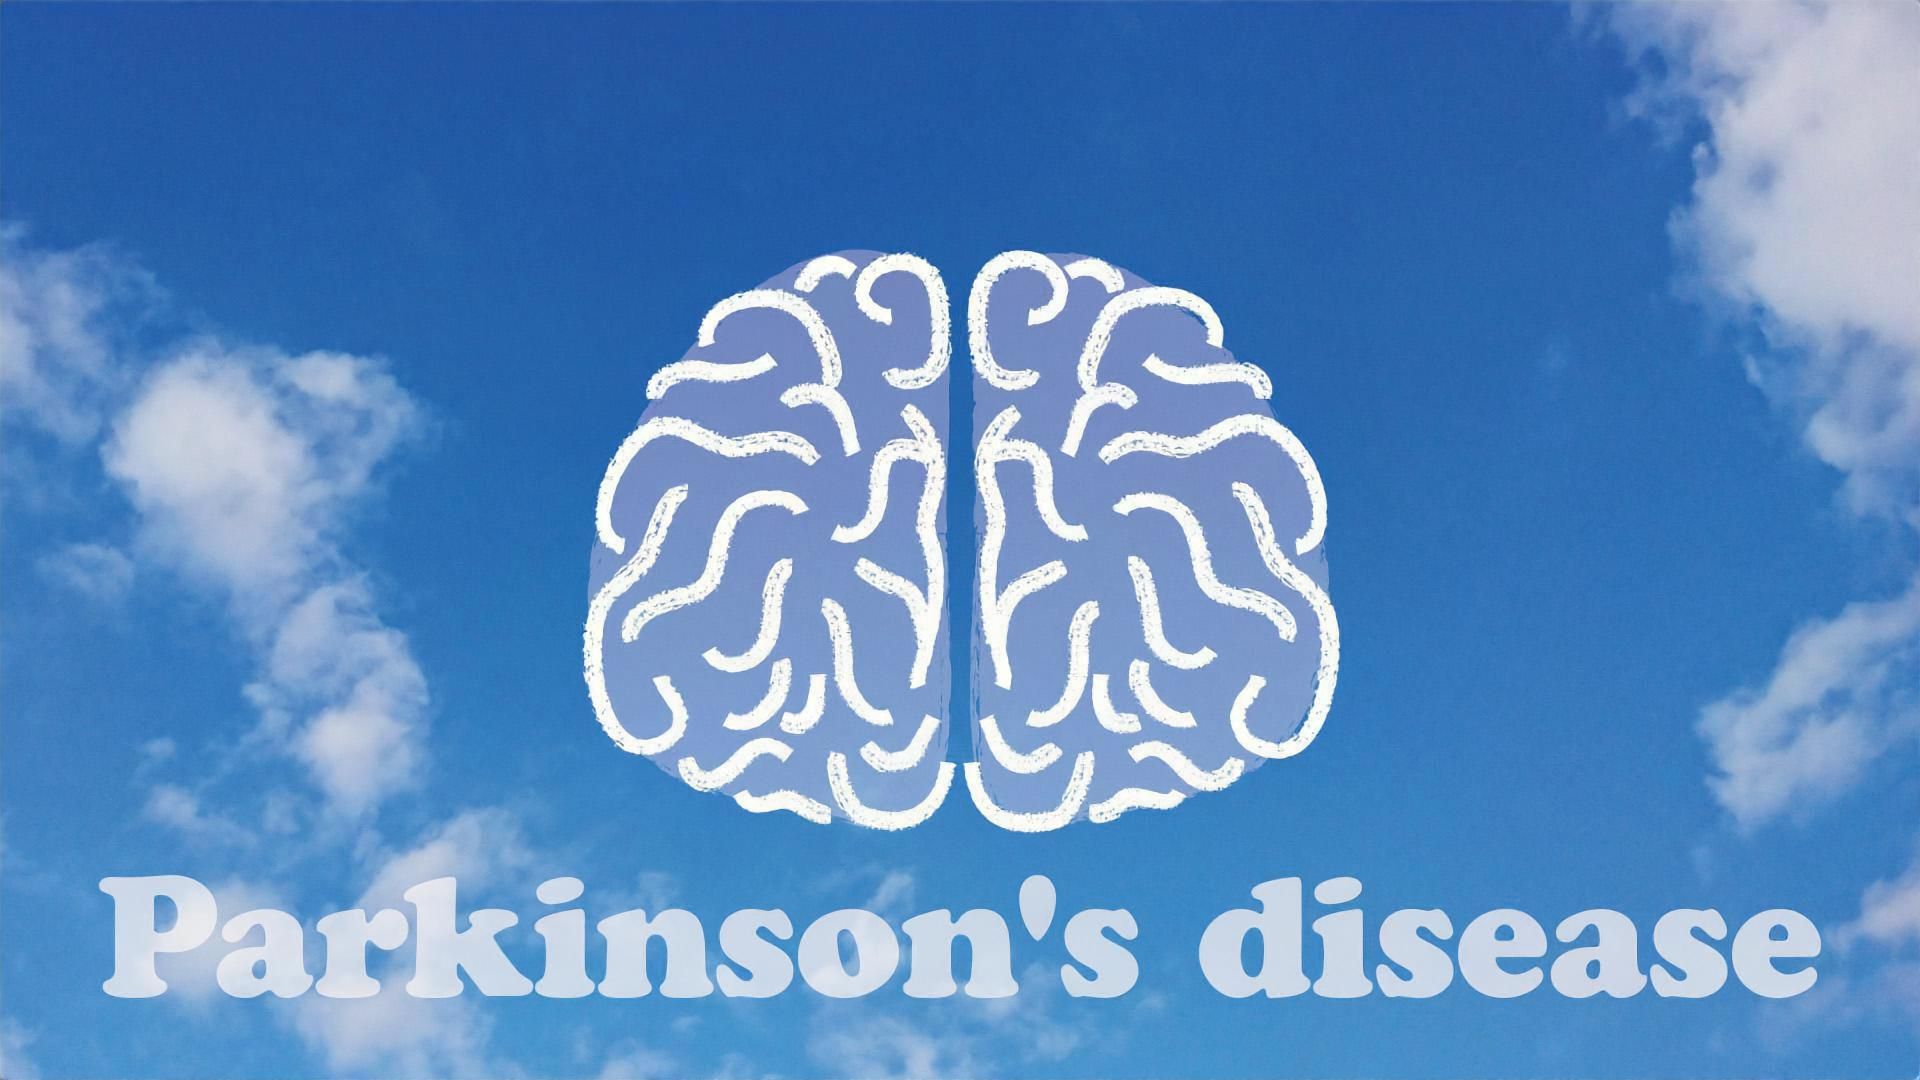 パーキンソン病と診断されたあなたへ